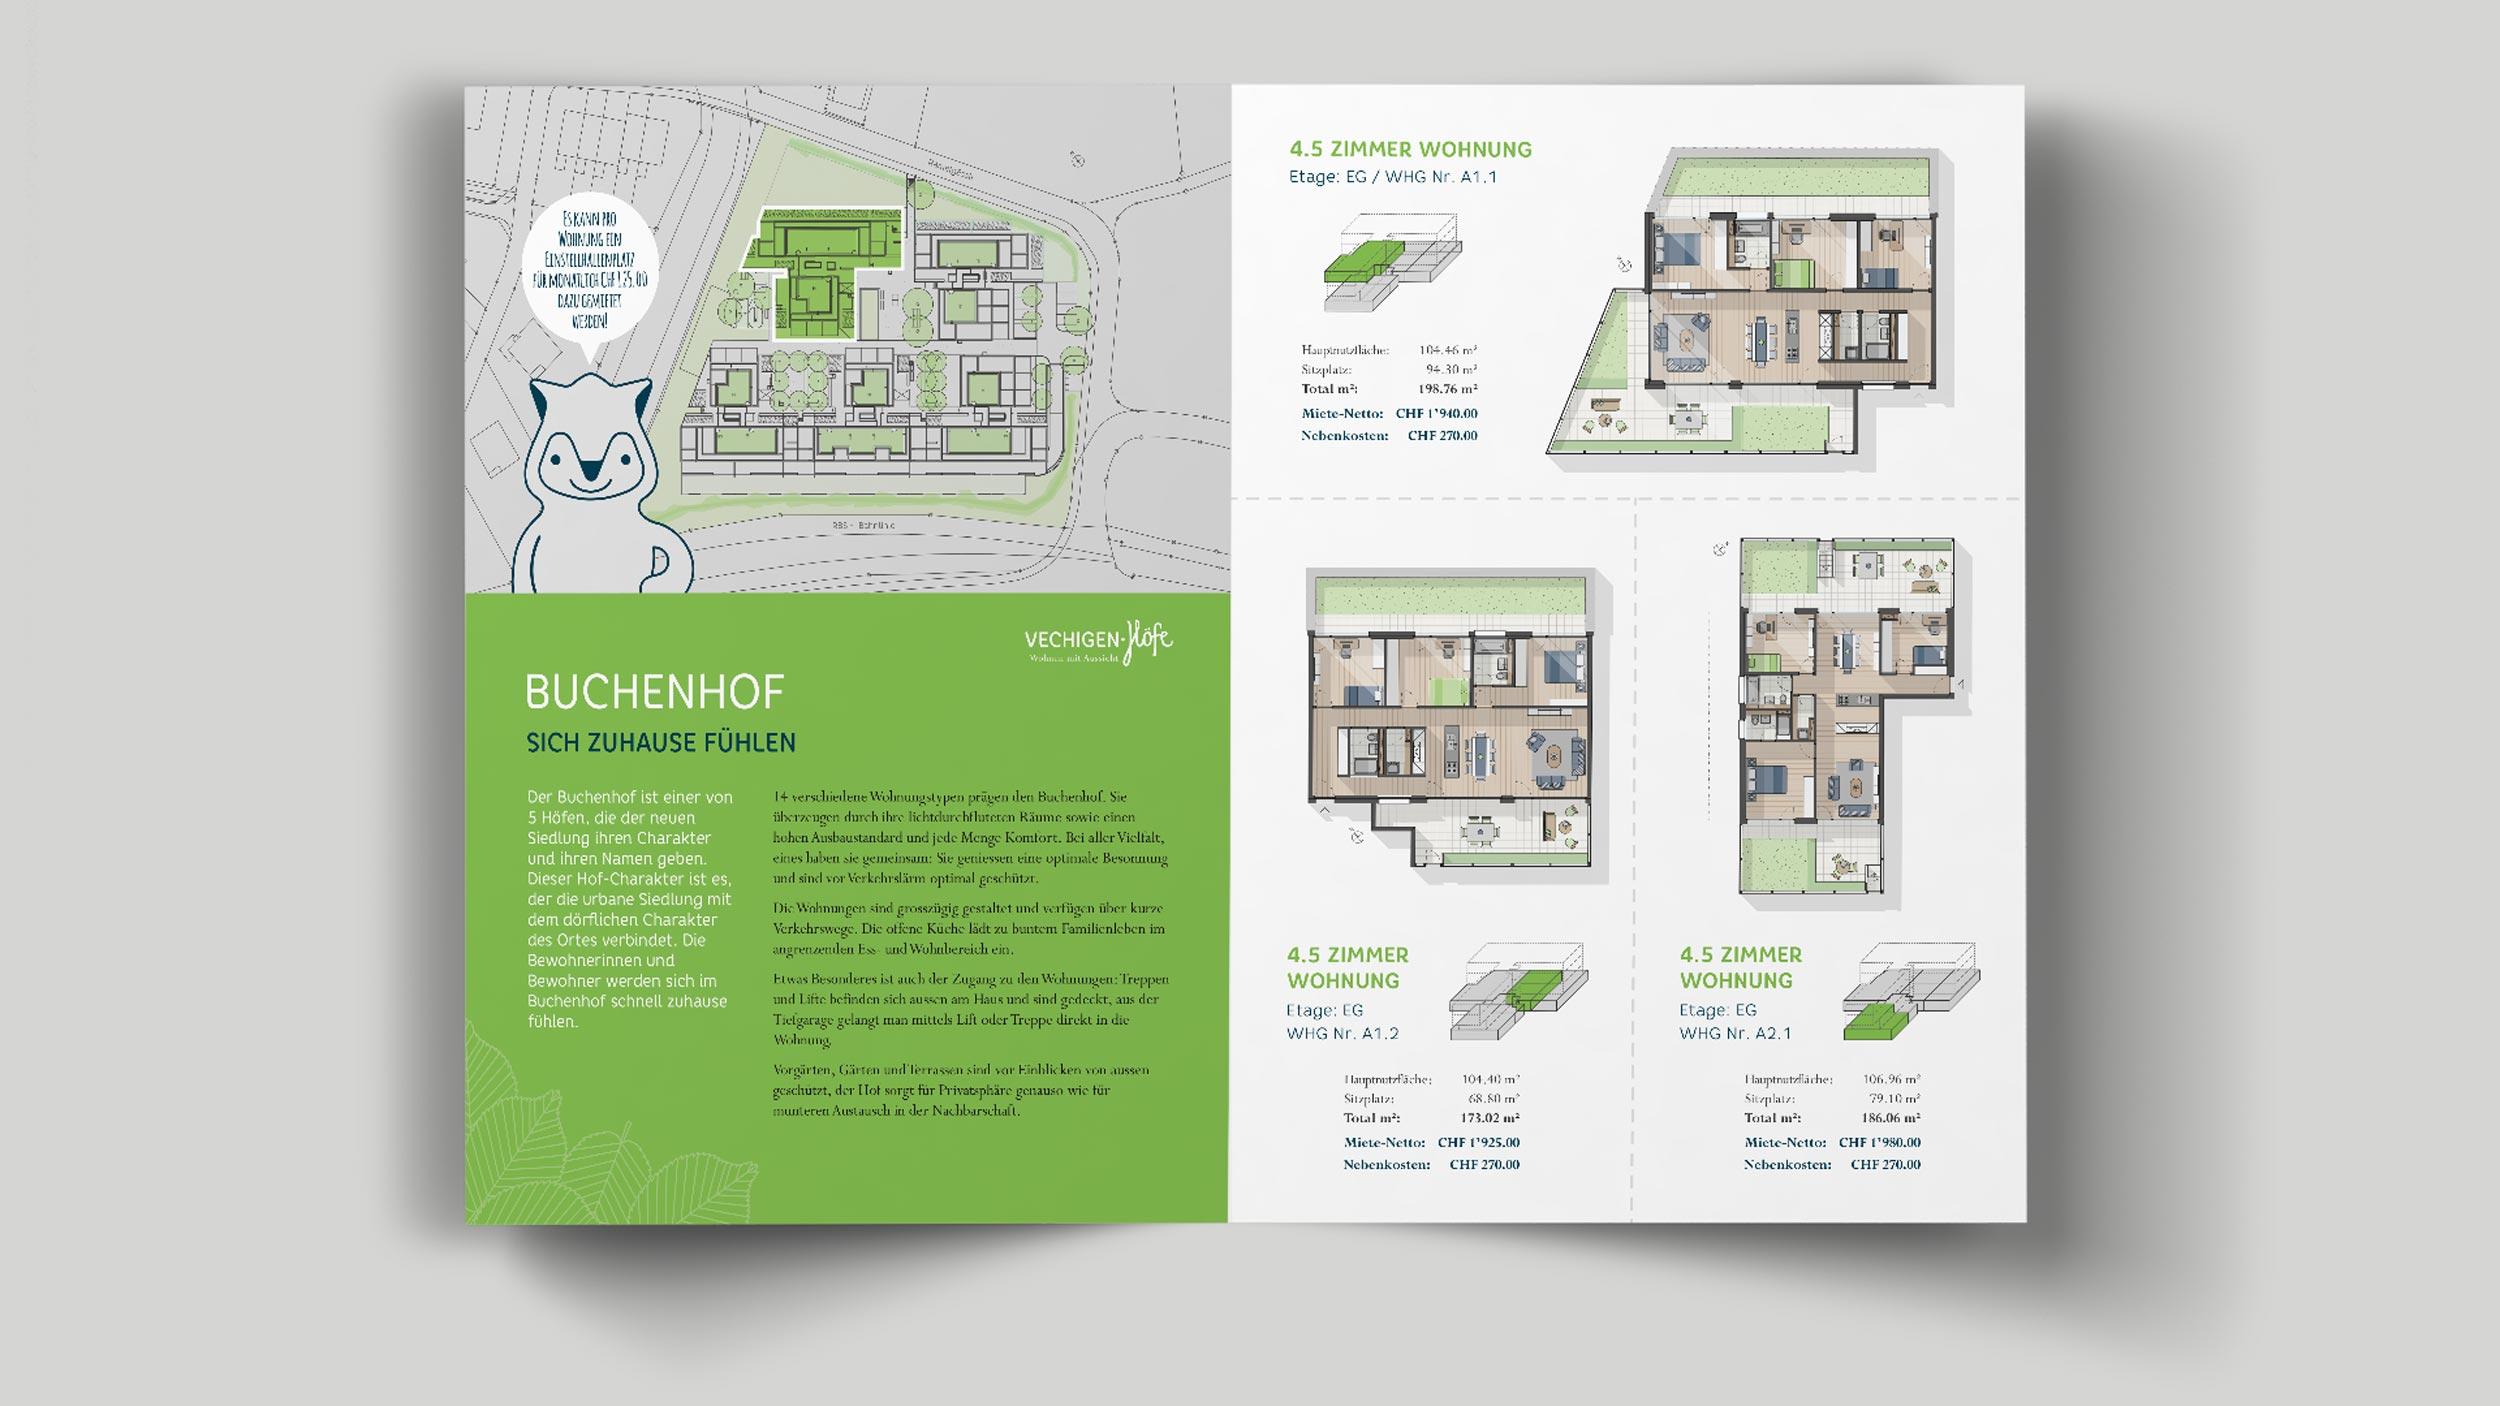 Vechigen Höfe brochure GPU Design